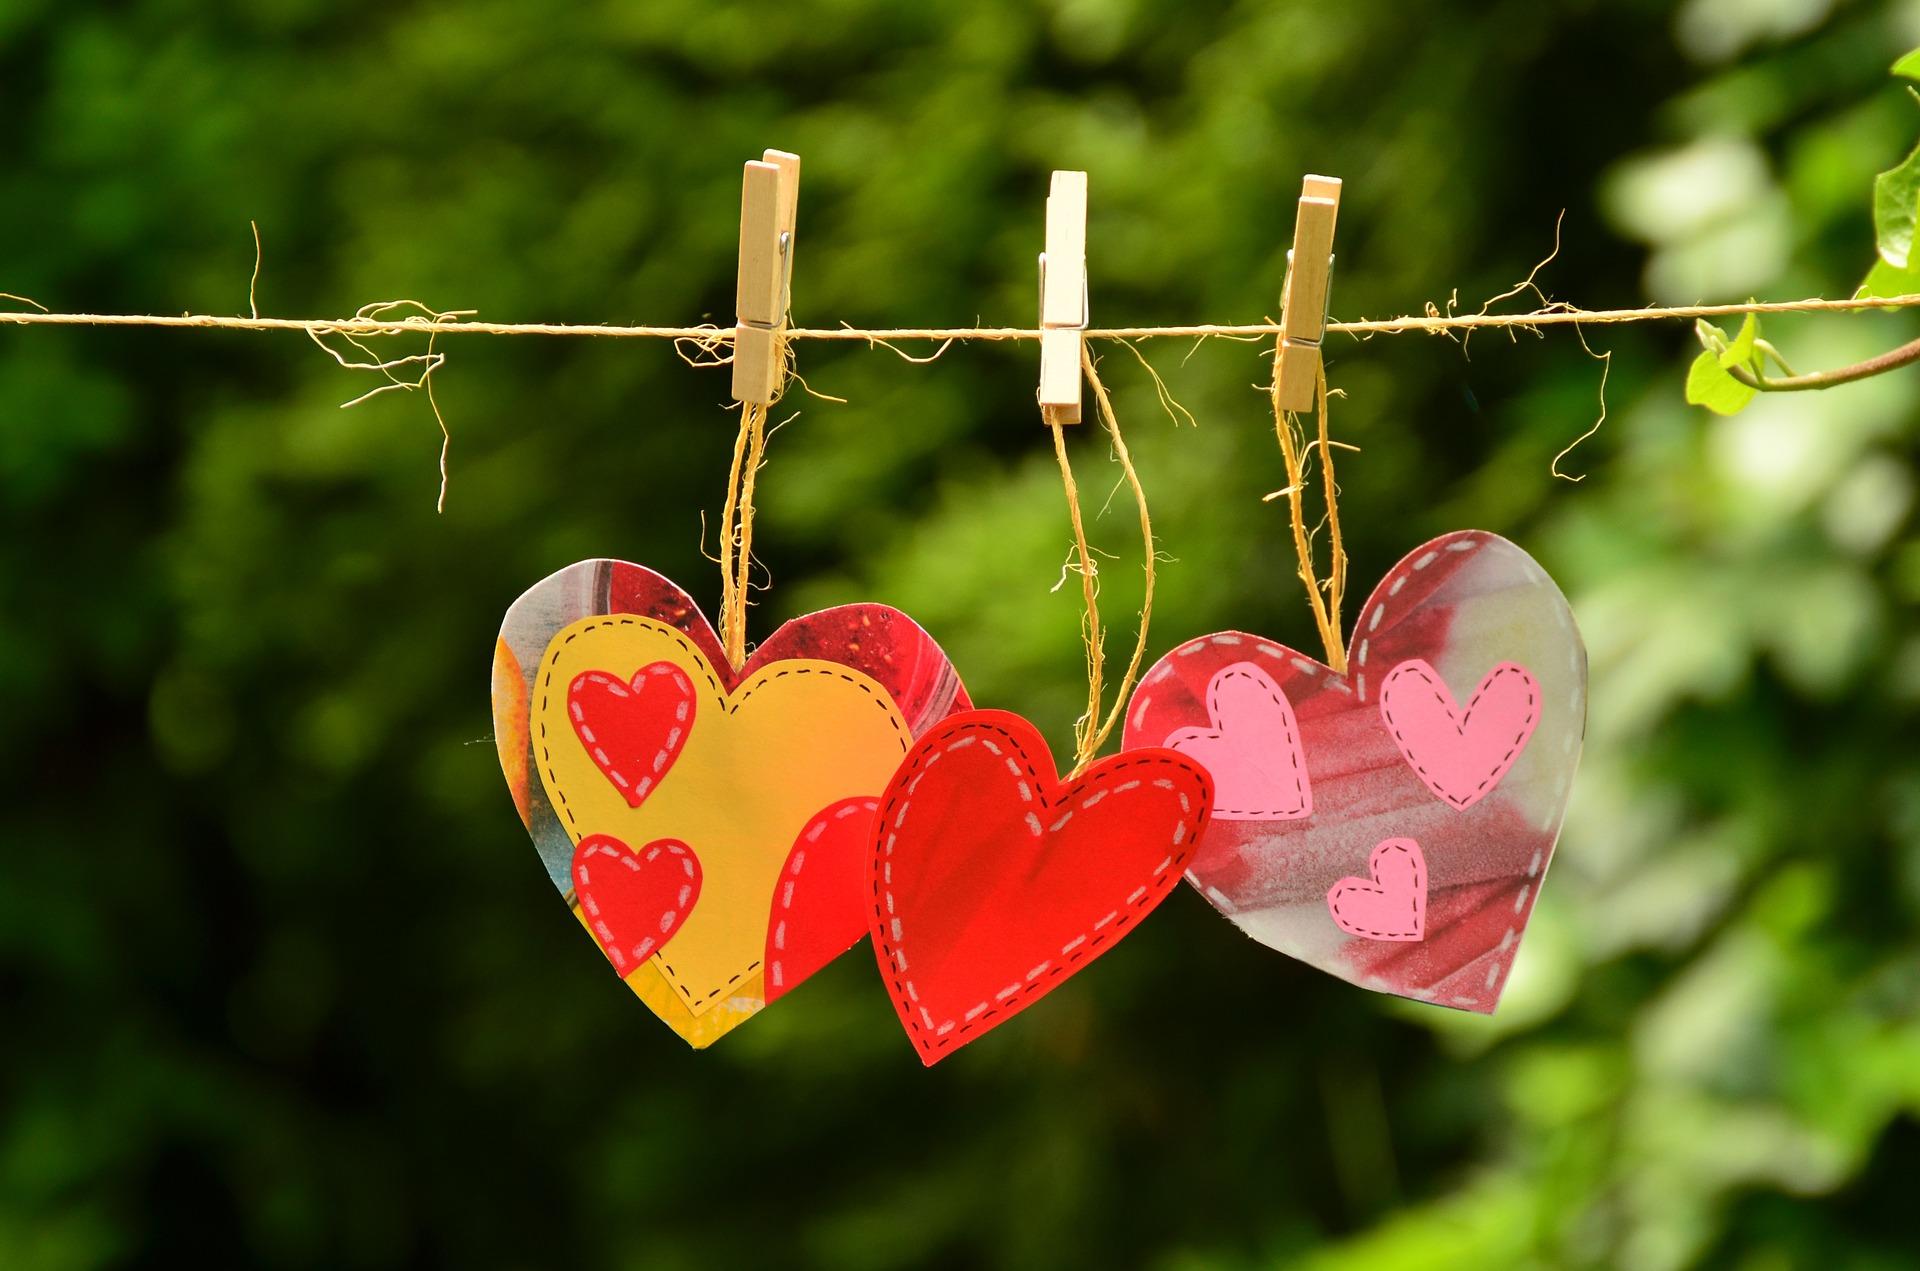 良好な人間関係の8つの特徴